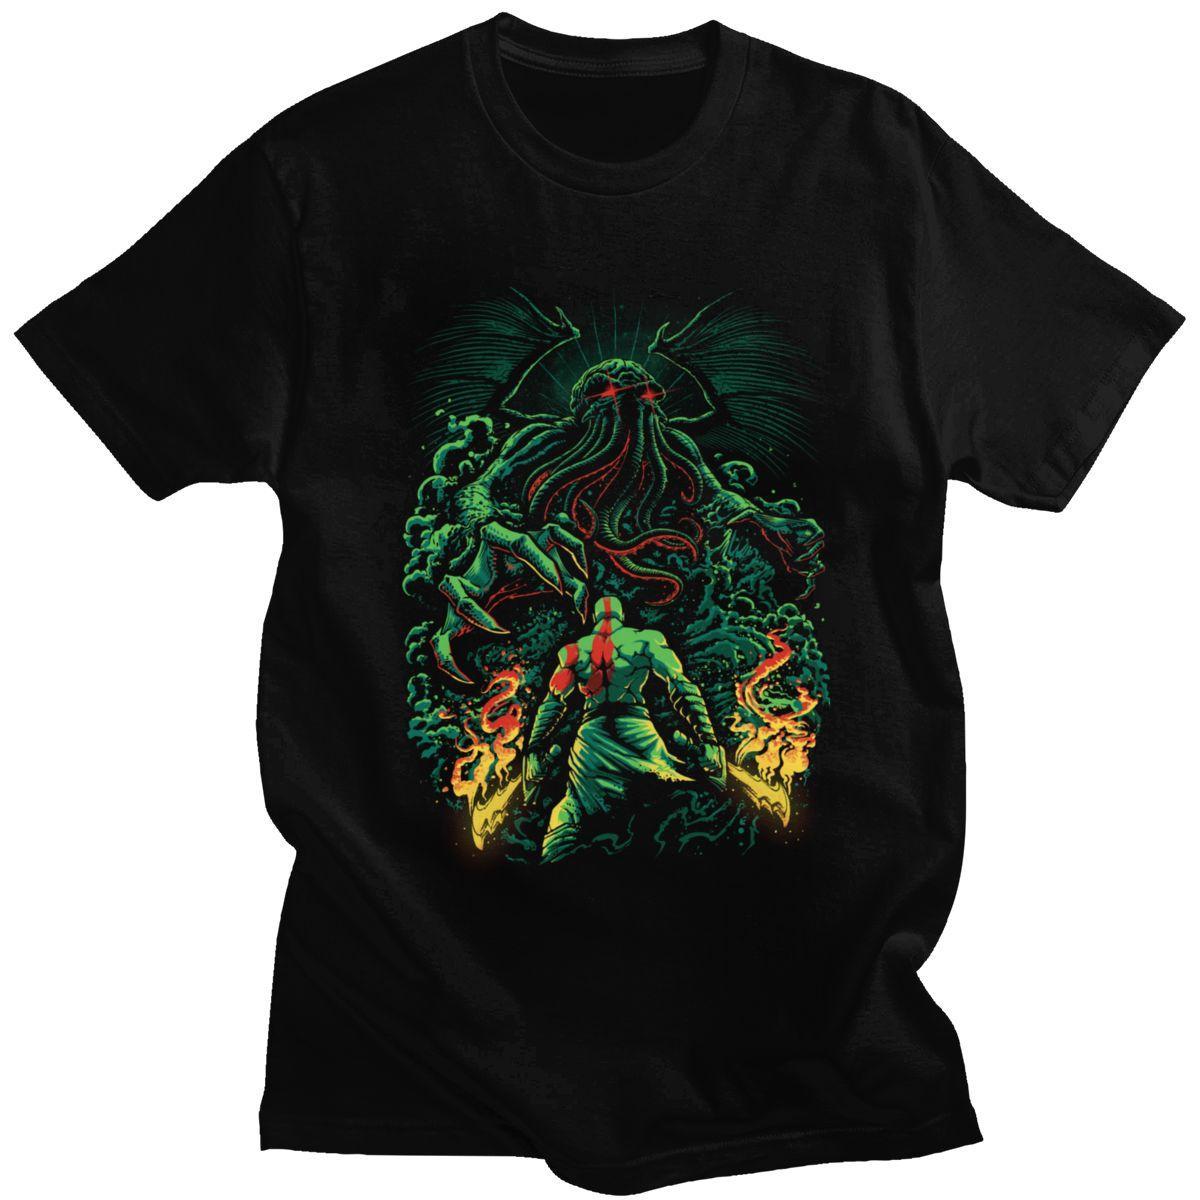 Choque de dioses Cthulhu Camiseta para los hombres 100% algodón camiseta impresionante de manga corta Lovecraft película de terror del monstruo pulpo Tee Tops